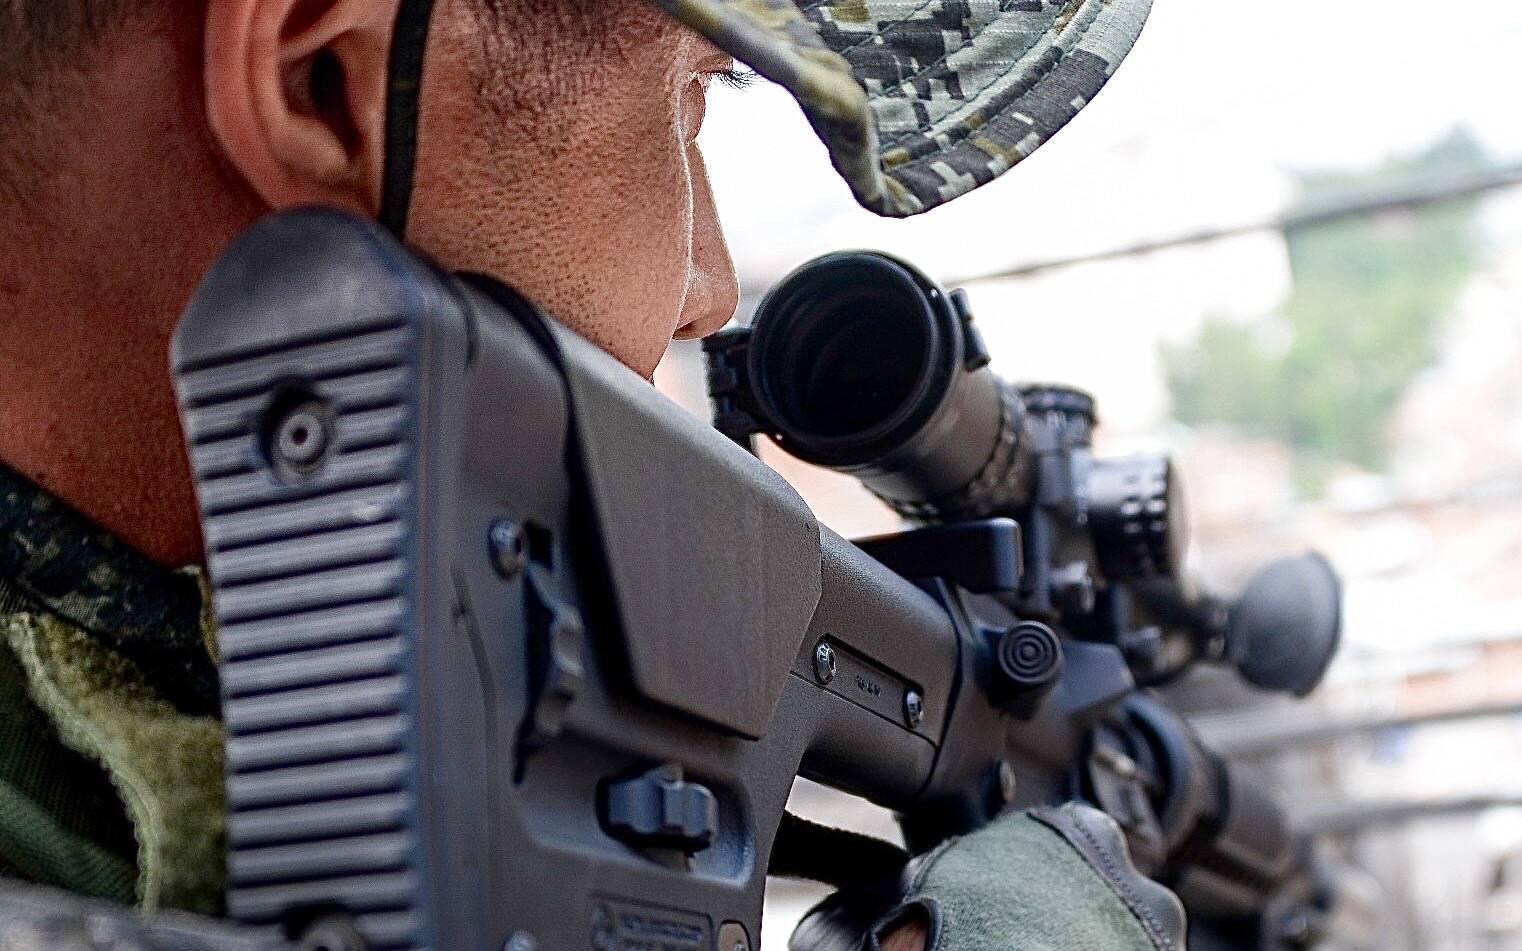 Atirador de Elite do COE, observa a área de interesse através da luneta do seu rifle de longa distância. Foto: Major PM Luis Augusto Pacheco Ambar